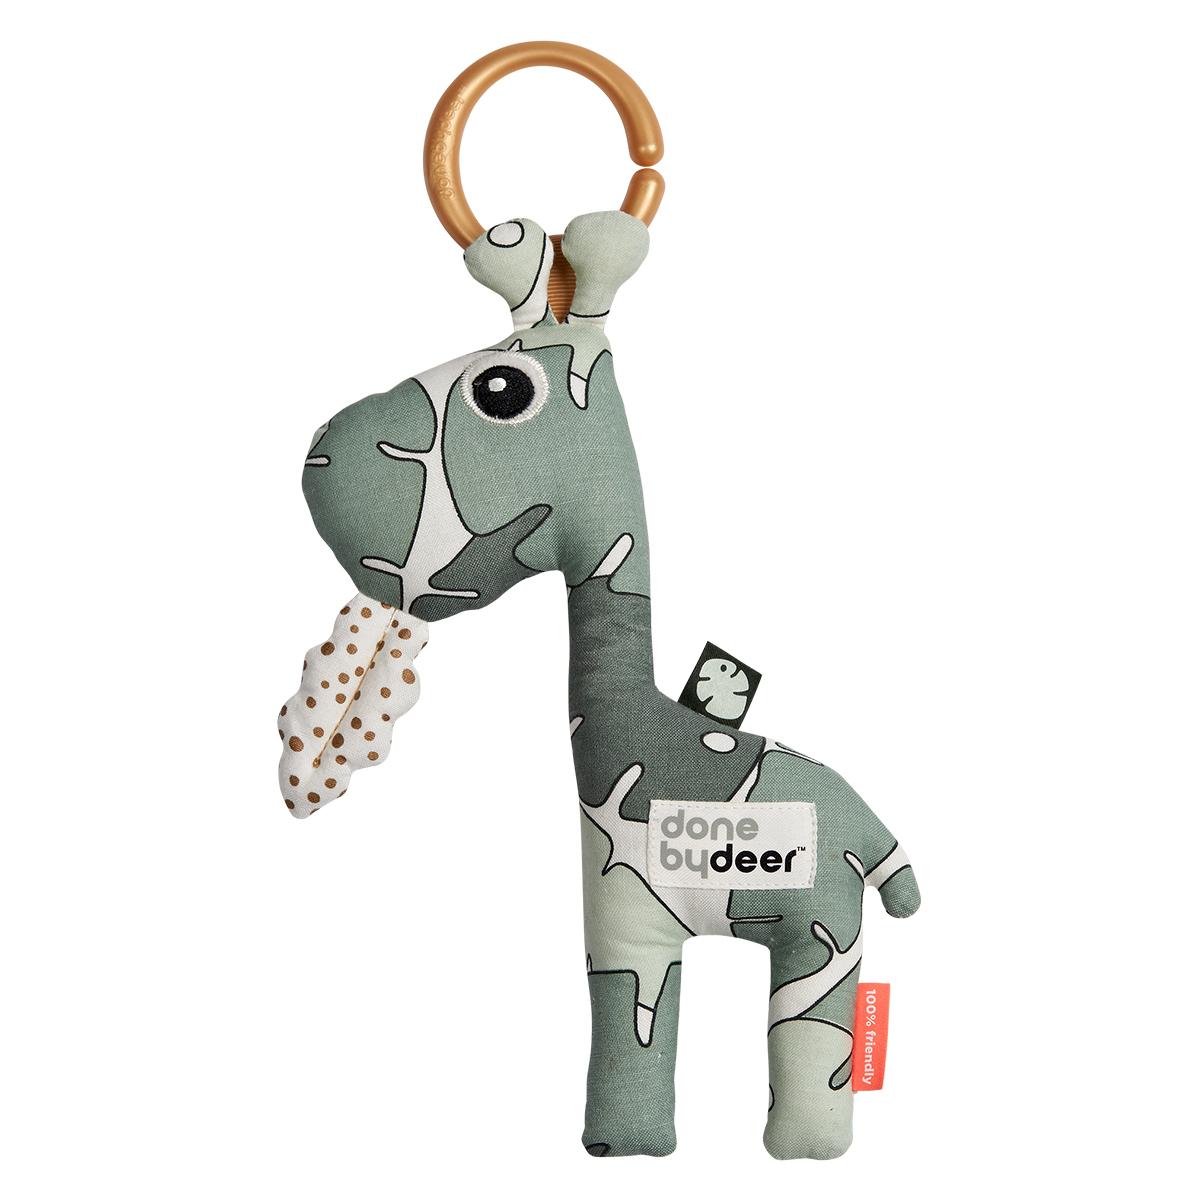 Accessoires poussette Jouet de Poussette Raffi - TinyTropics Jouet de Poussette Raffi - TinyTropics